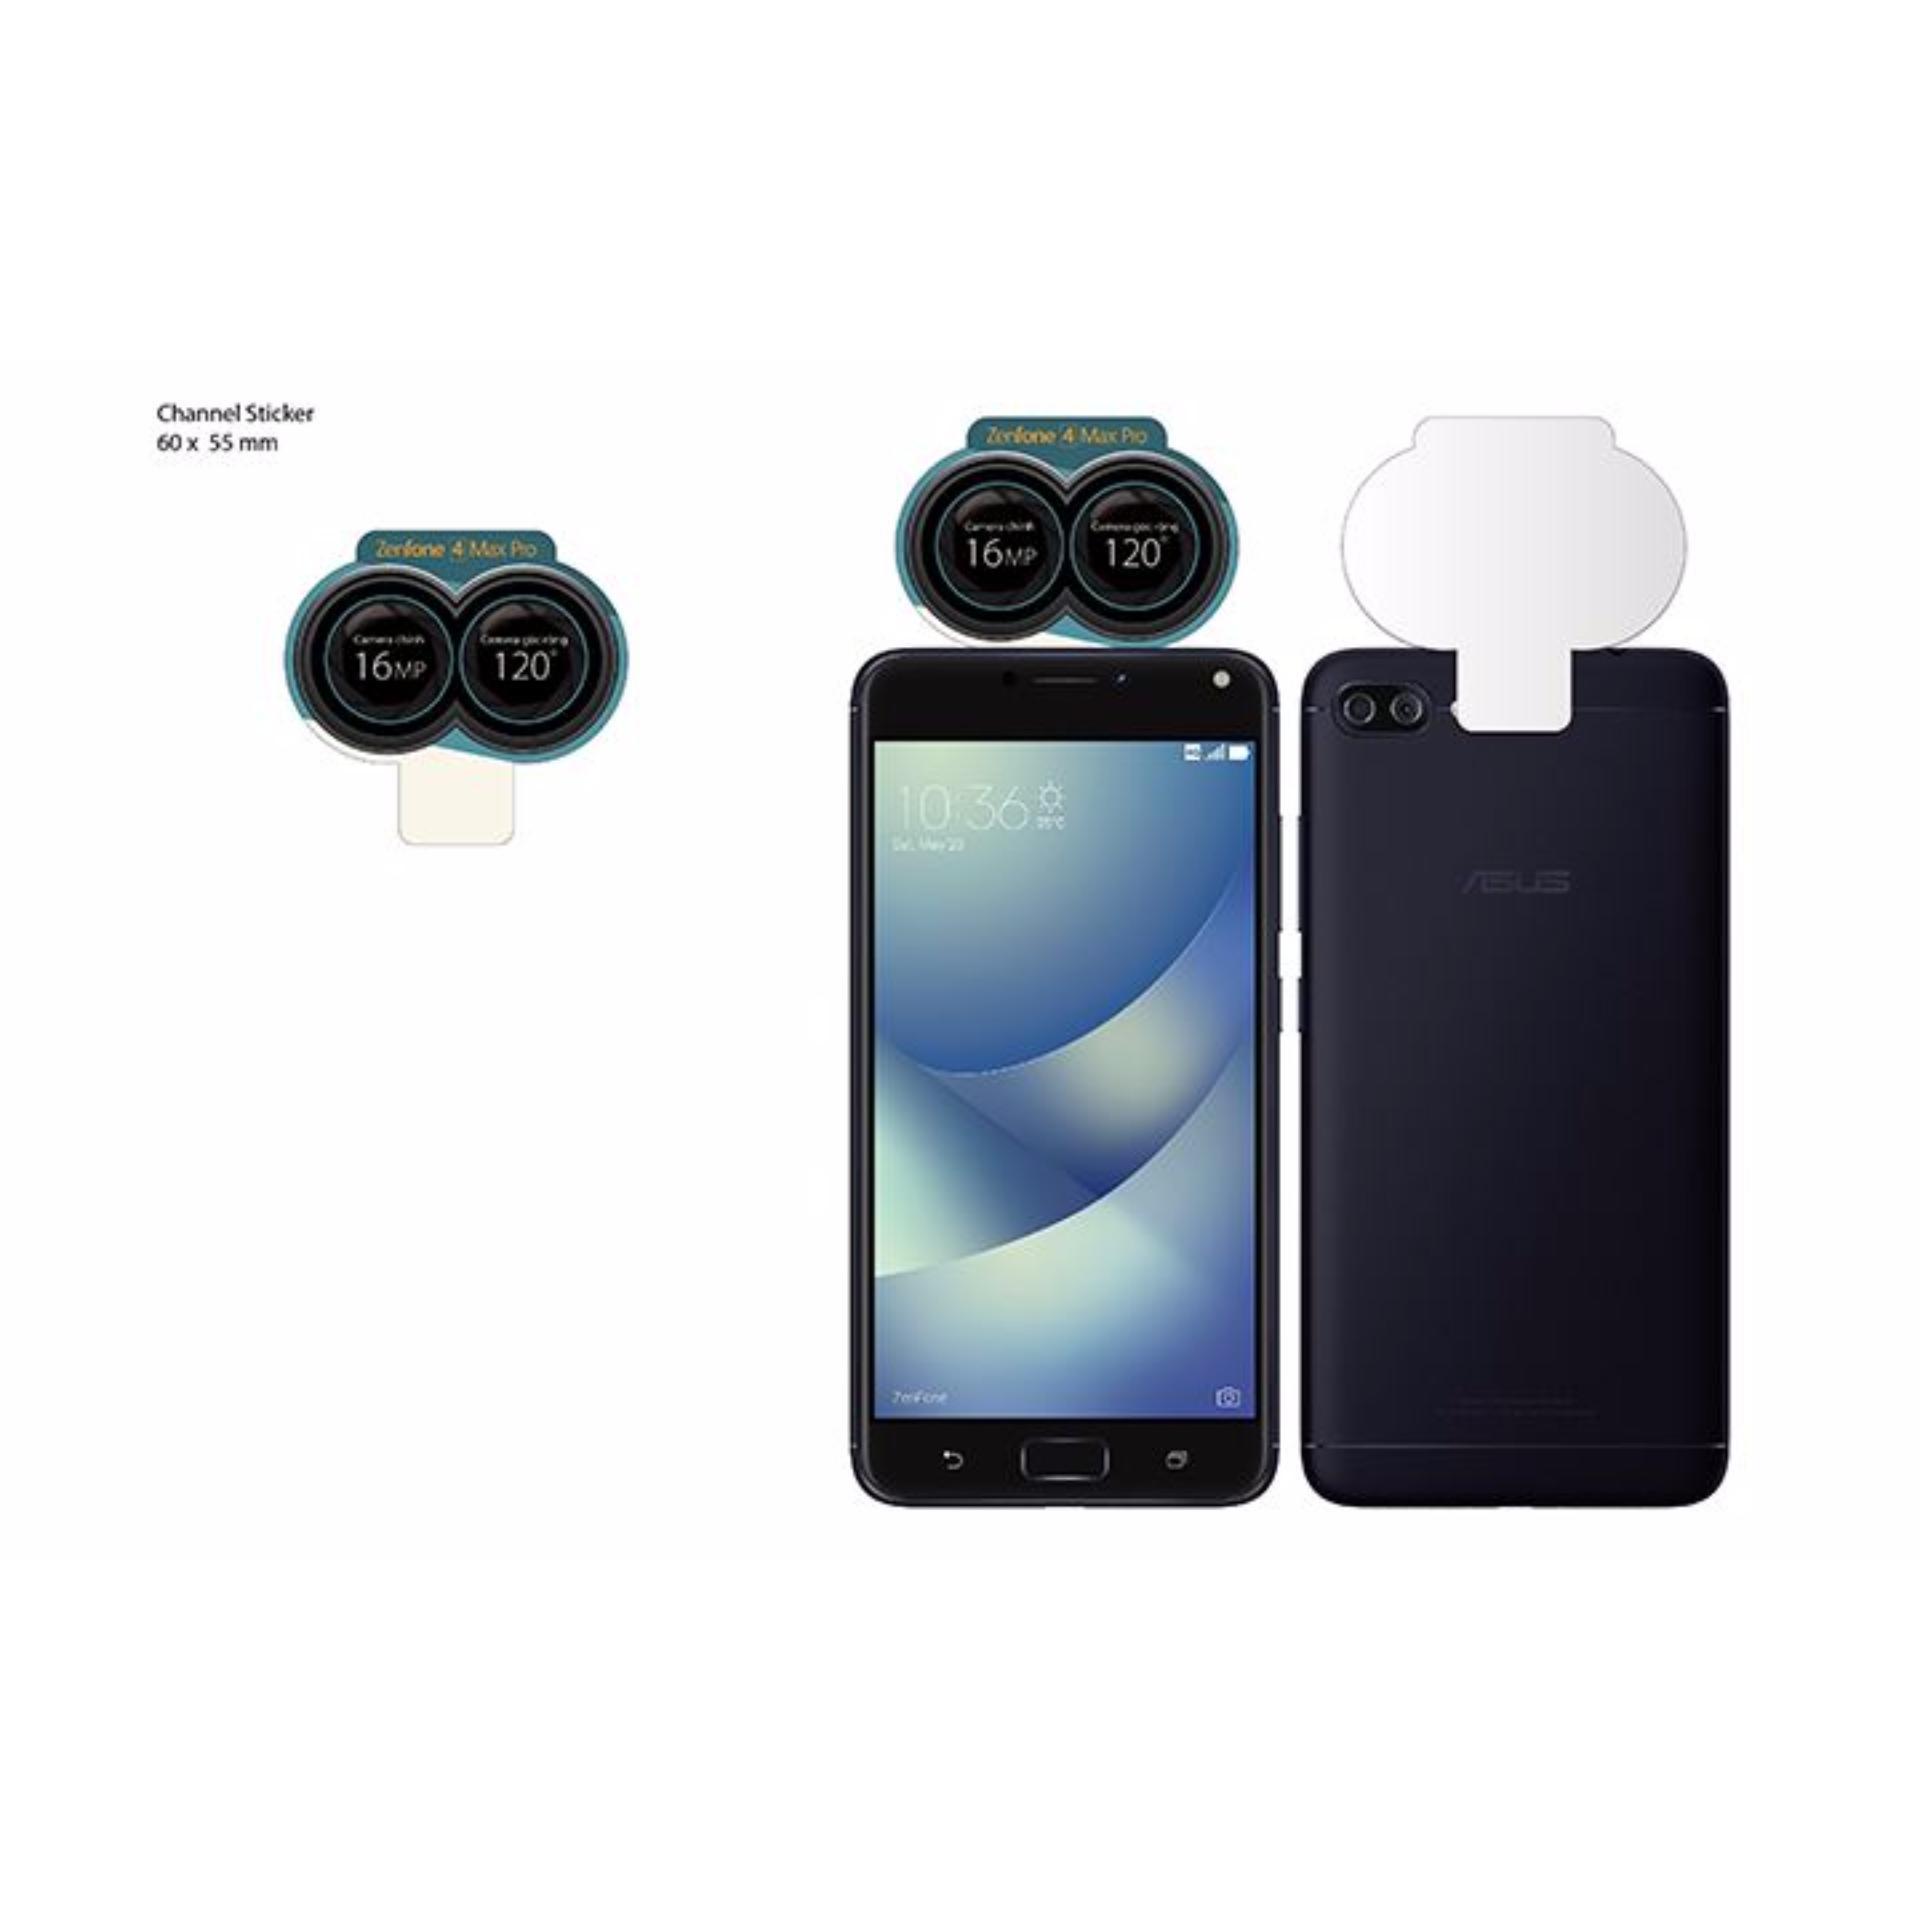 ... Asus Zenfone 4 Max Pro 3GB/32GB